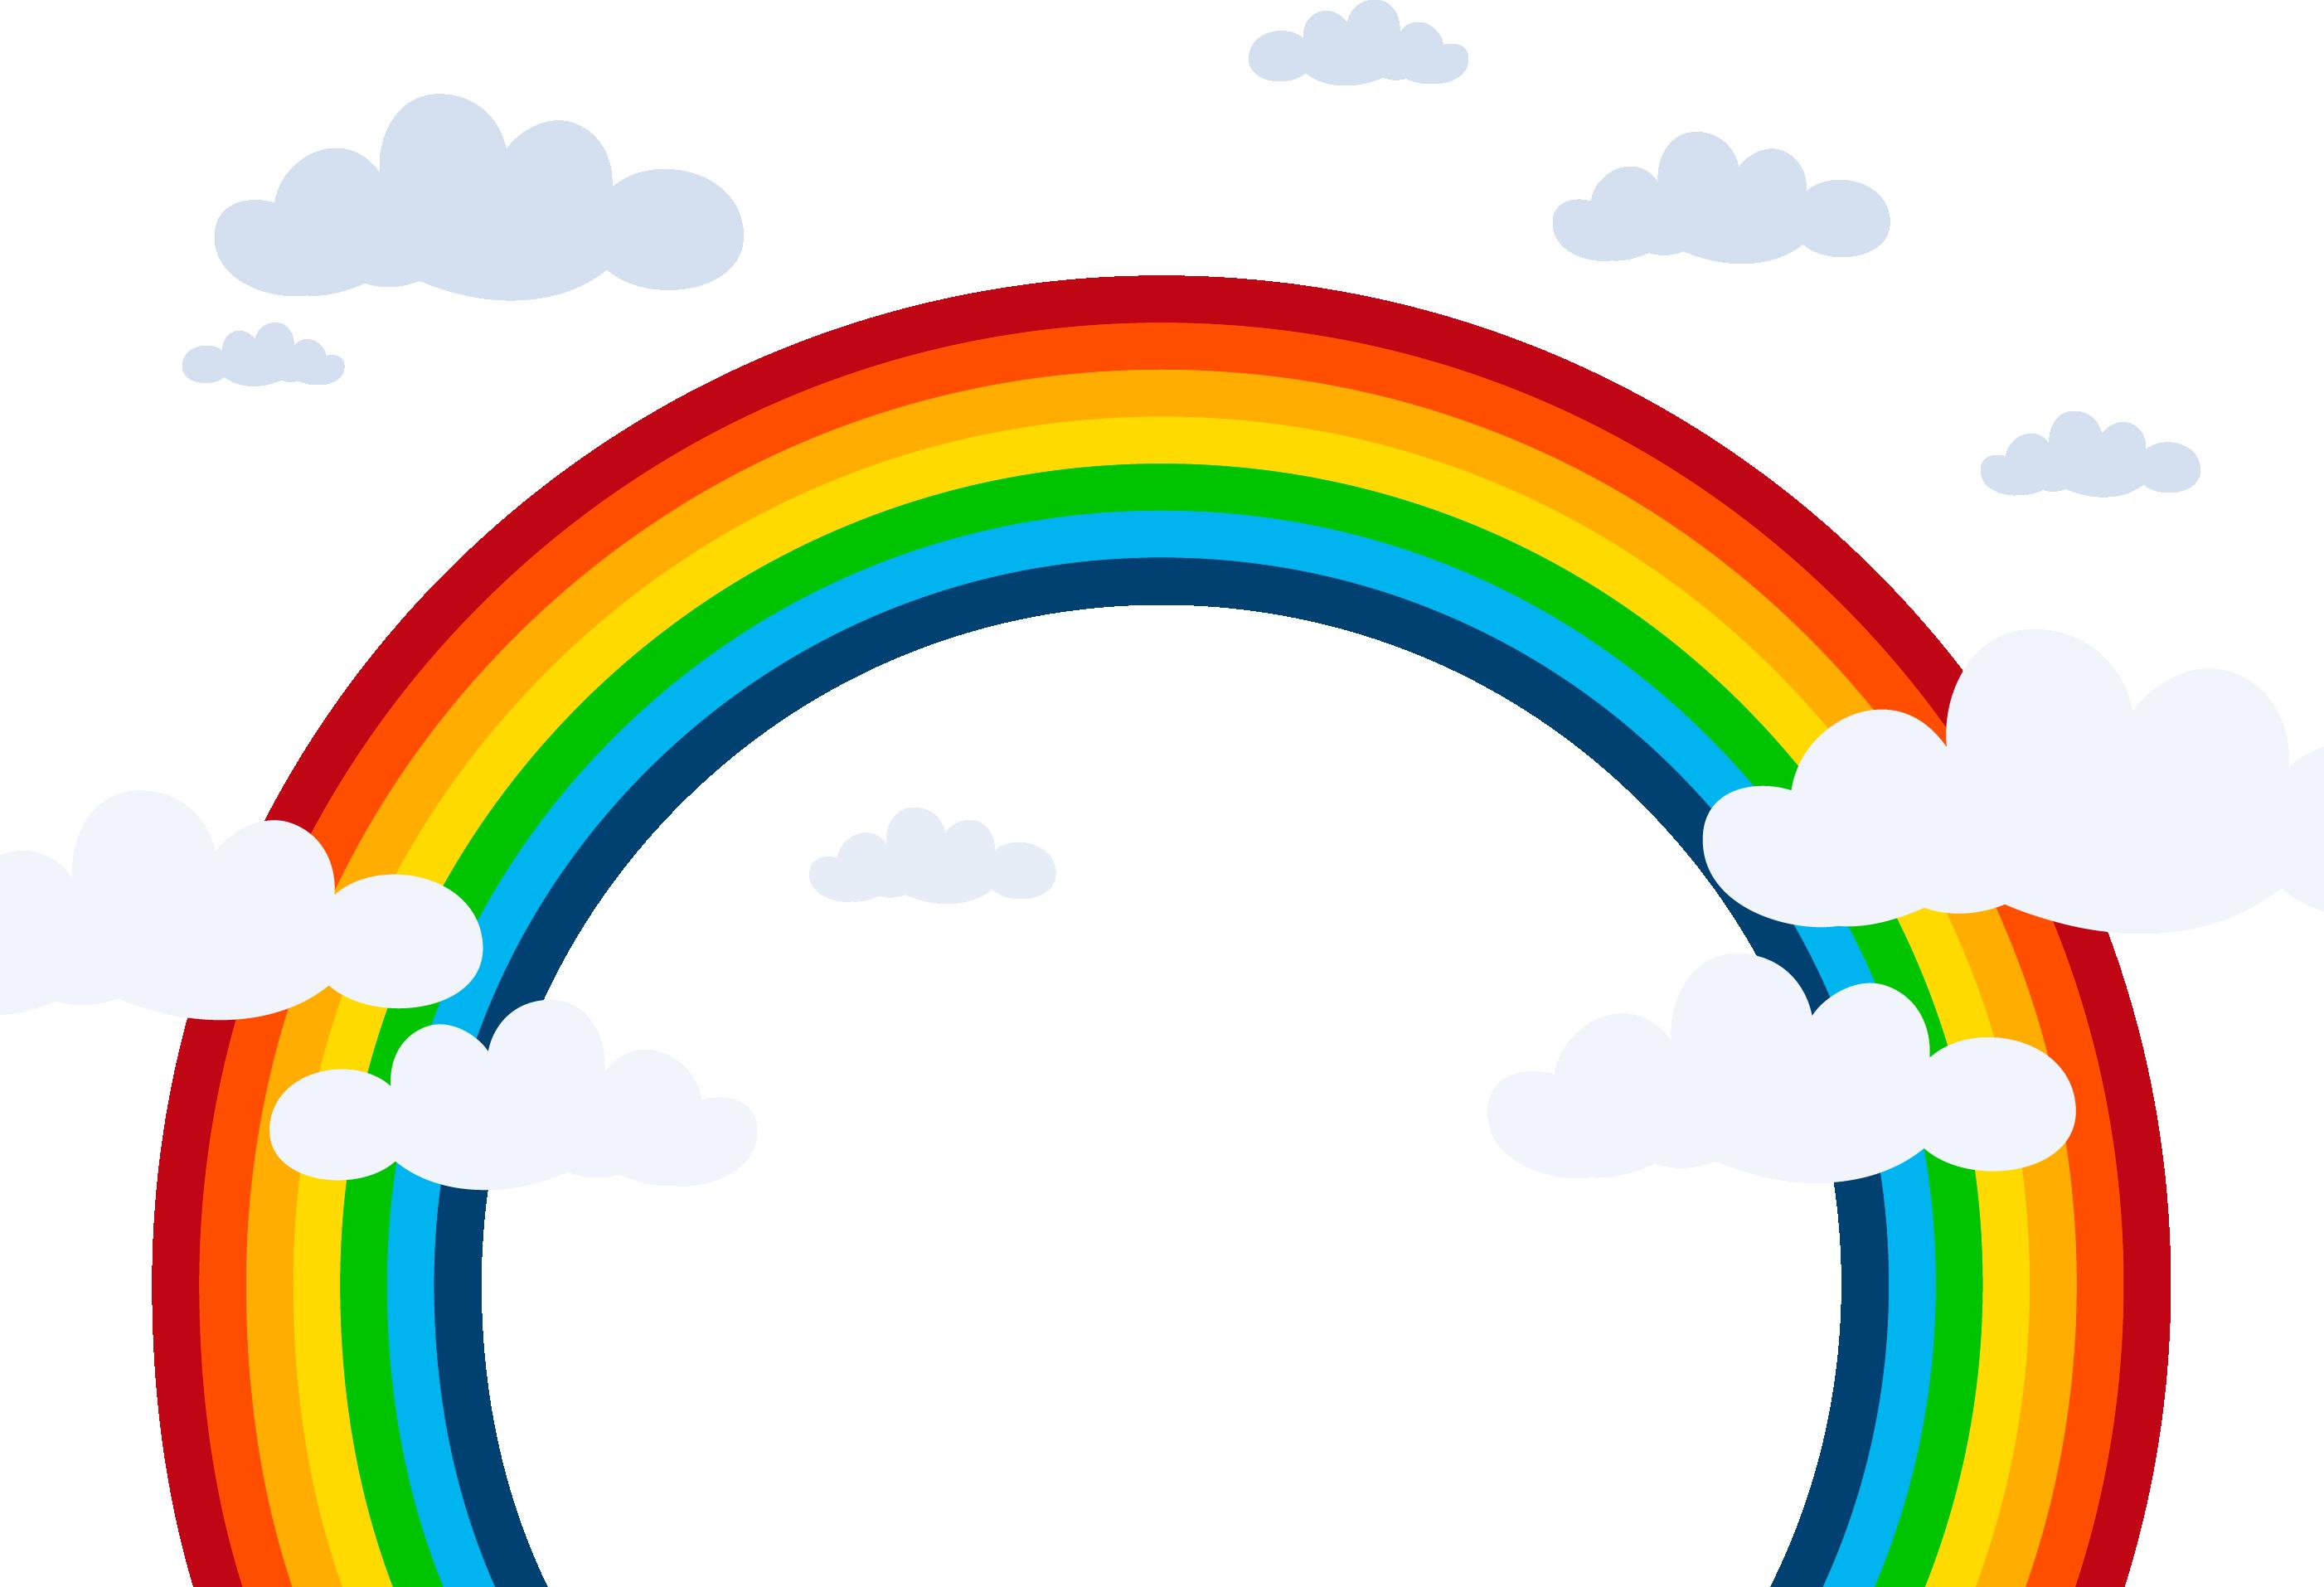 что есть картинка радуги без фона один самых прекрасных